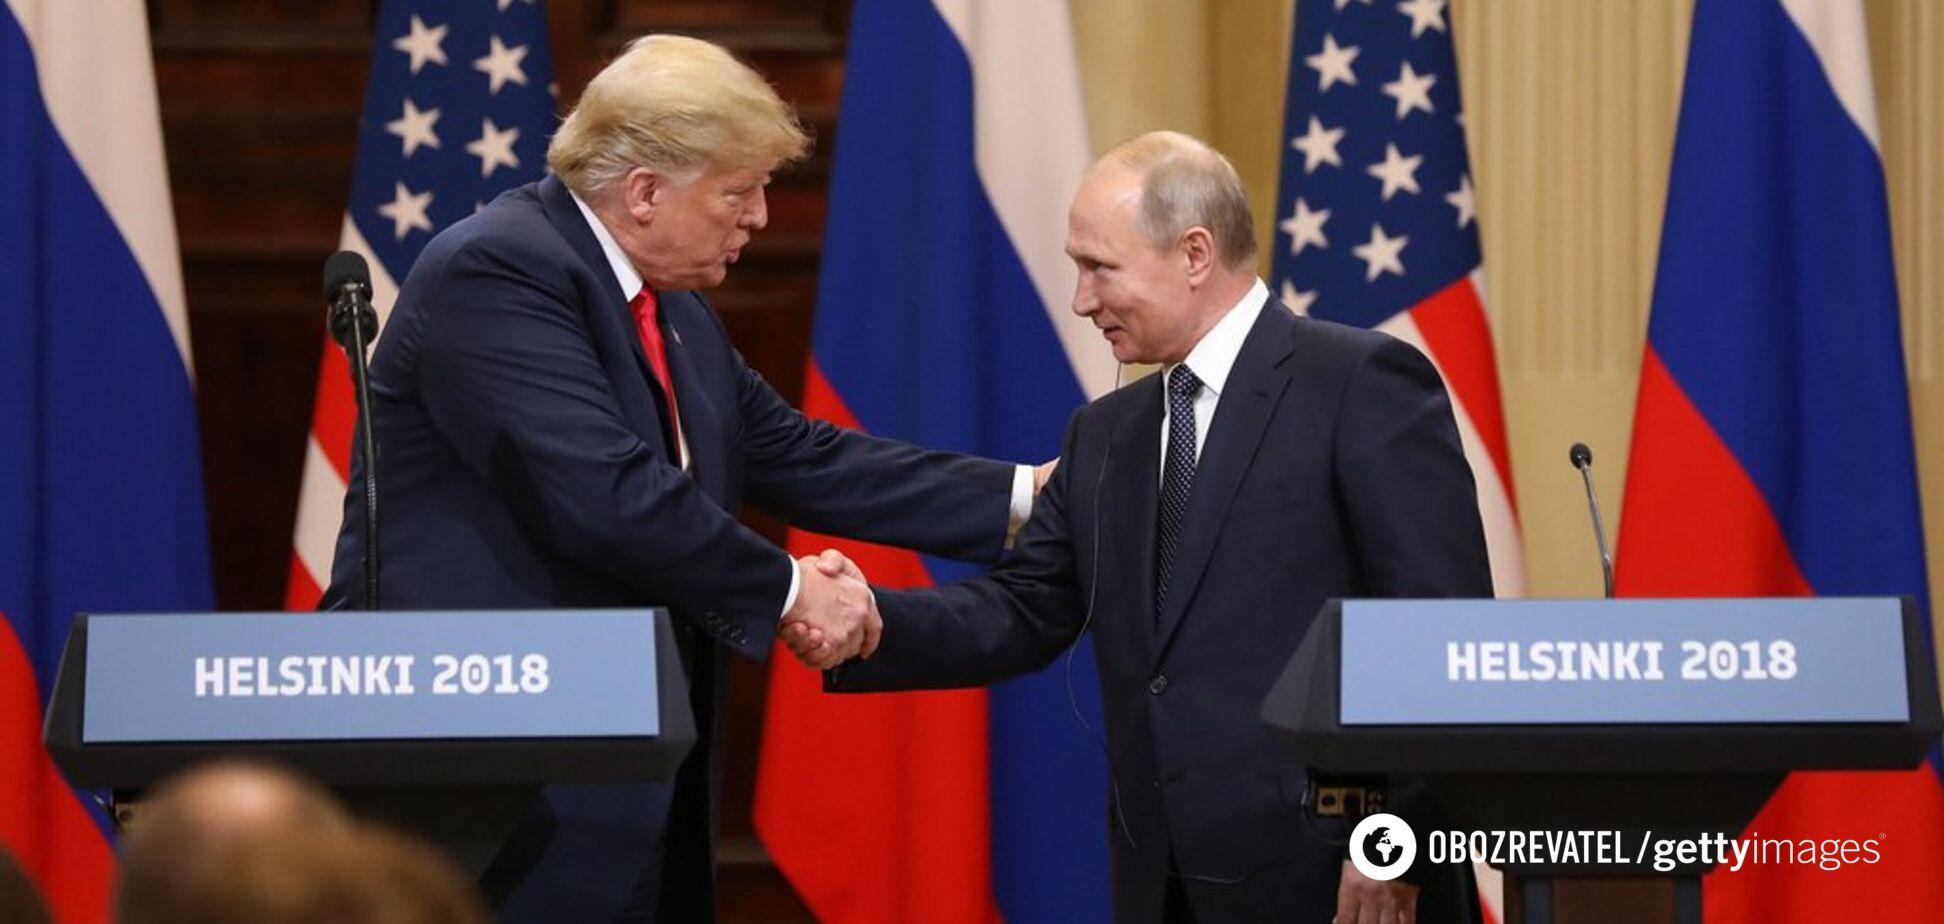 Будут мириться? Трамп назвал место и дату встречи с Путиным